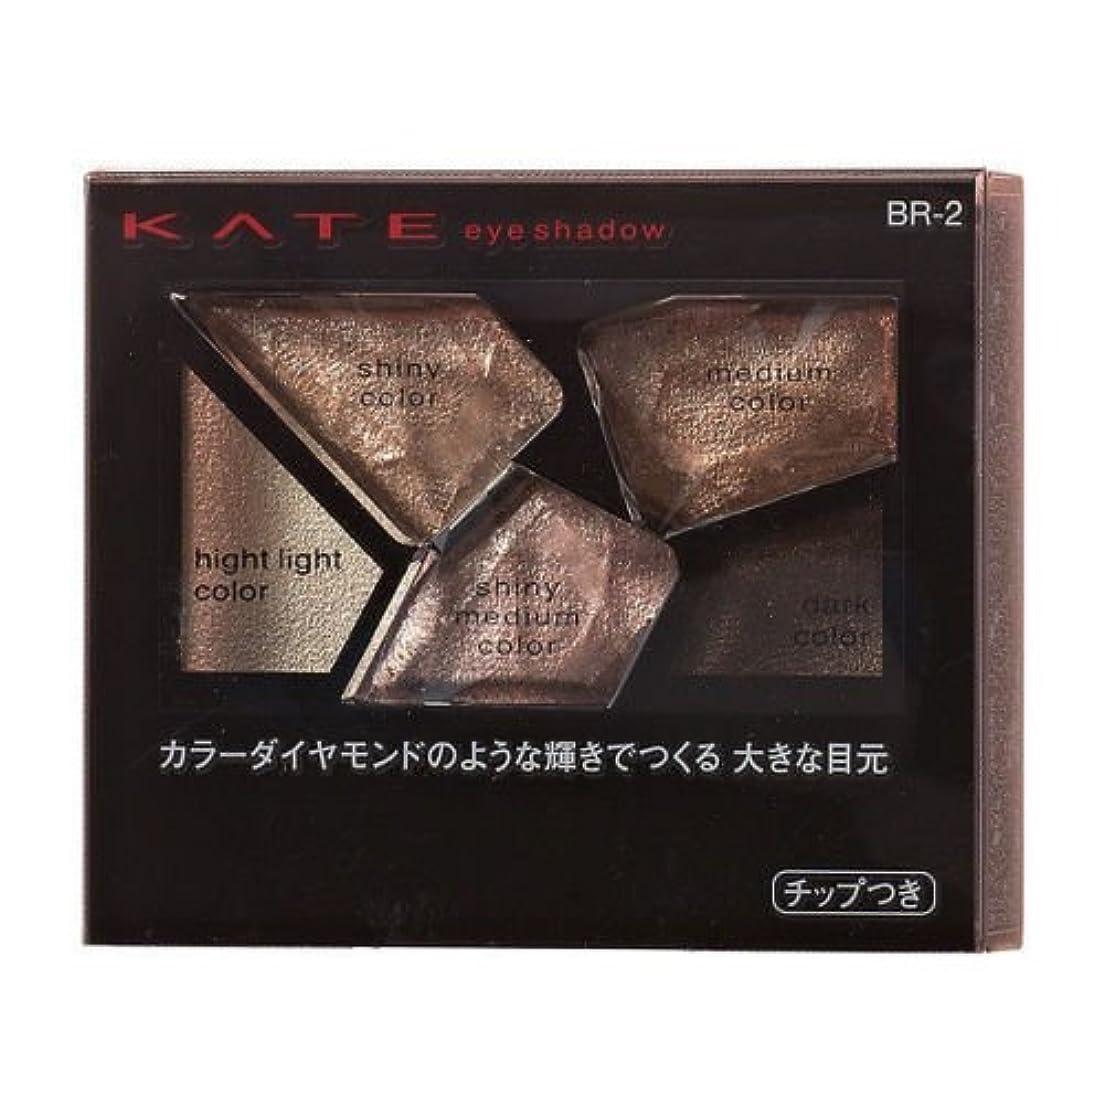 設計図材料研磨【カネボウ】ケイト カラーシャスダイヤモンド #BR-2 2.8g